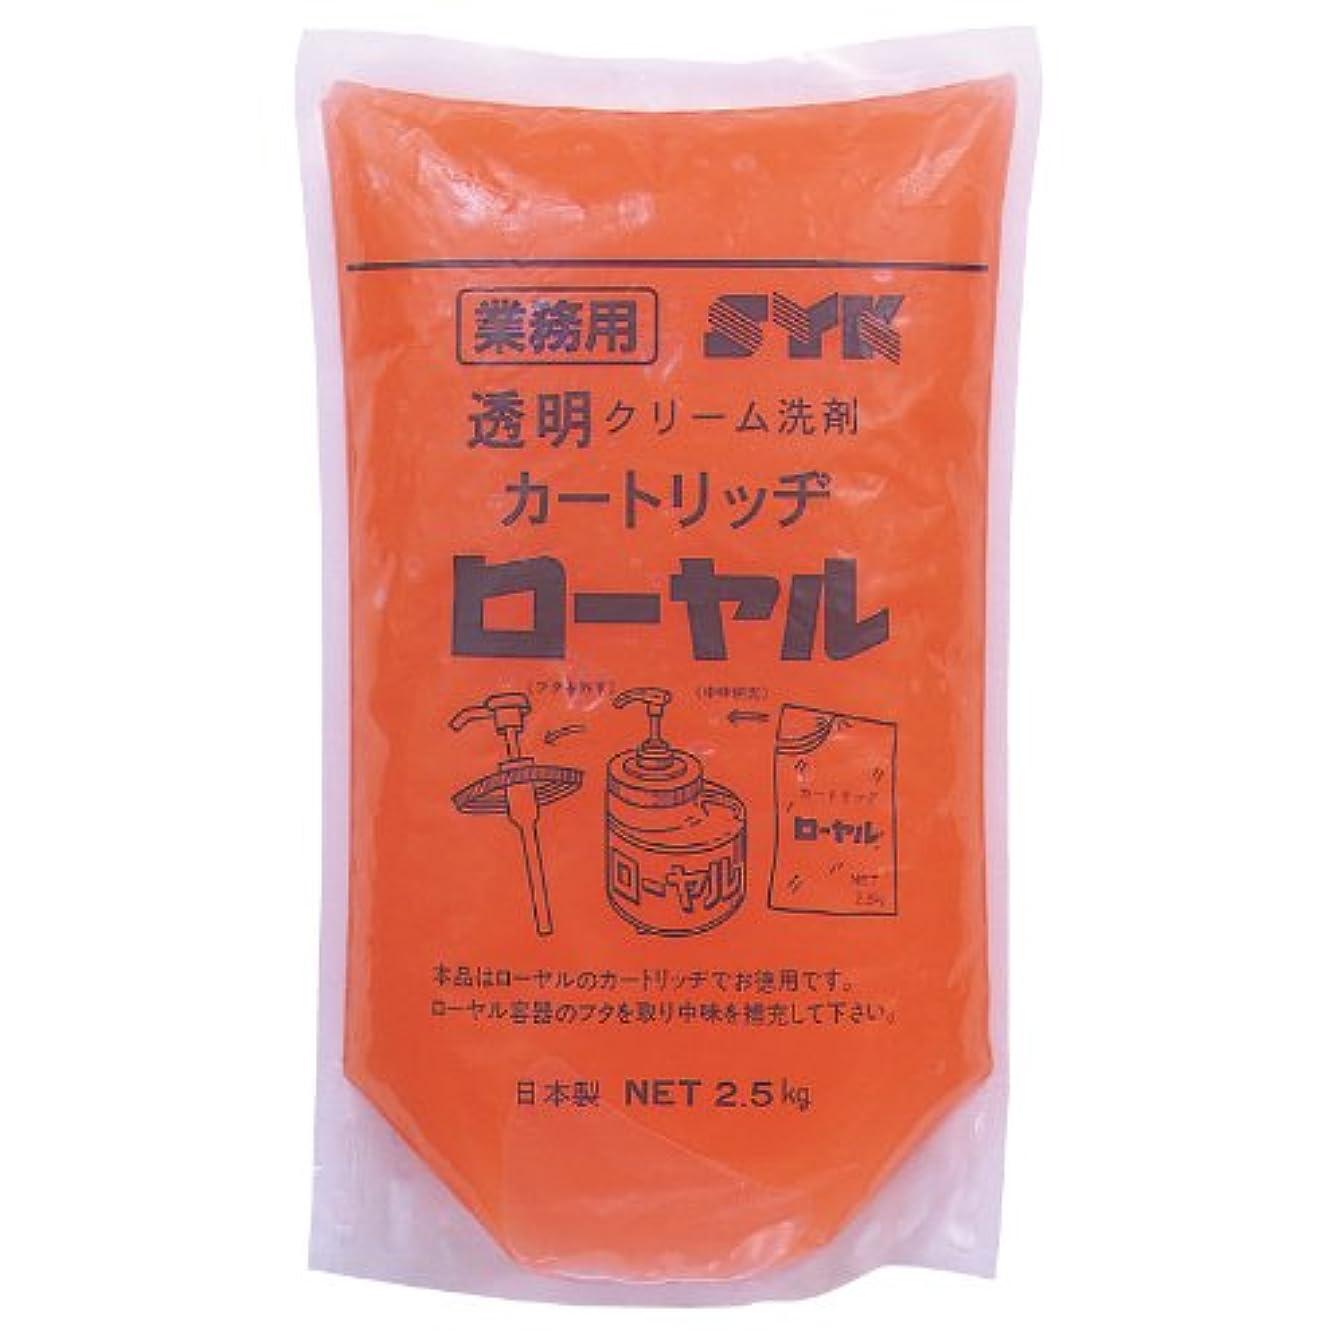 捧げる昇進生態学鈴木油脂 水無しでも使える業務用ハンドソープ ローヤル 2.5kg×6個